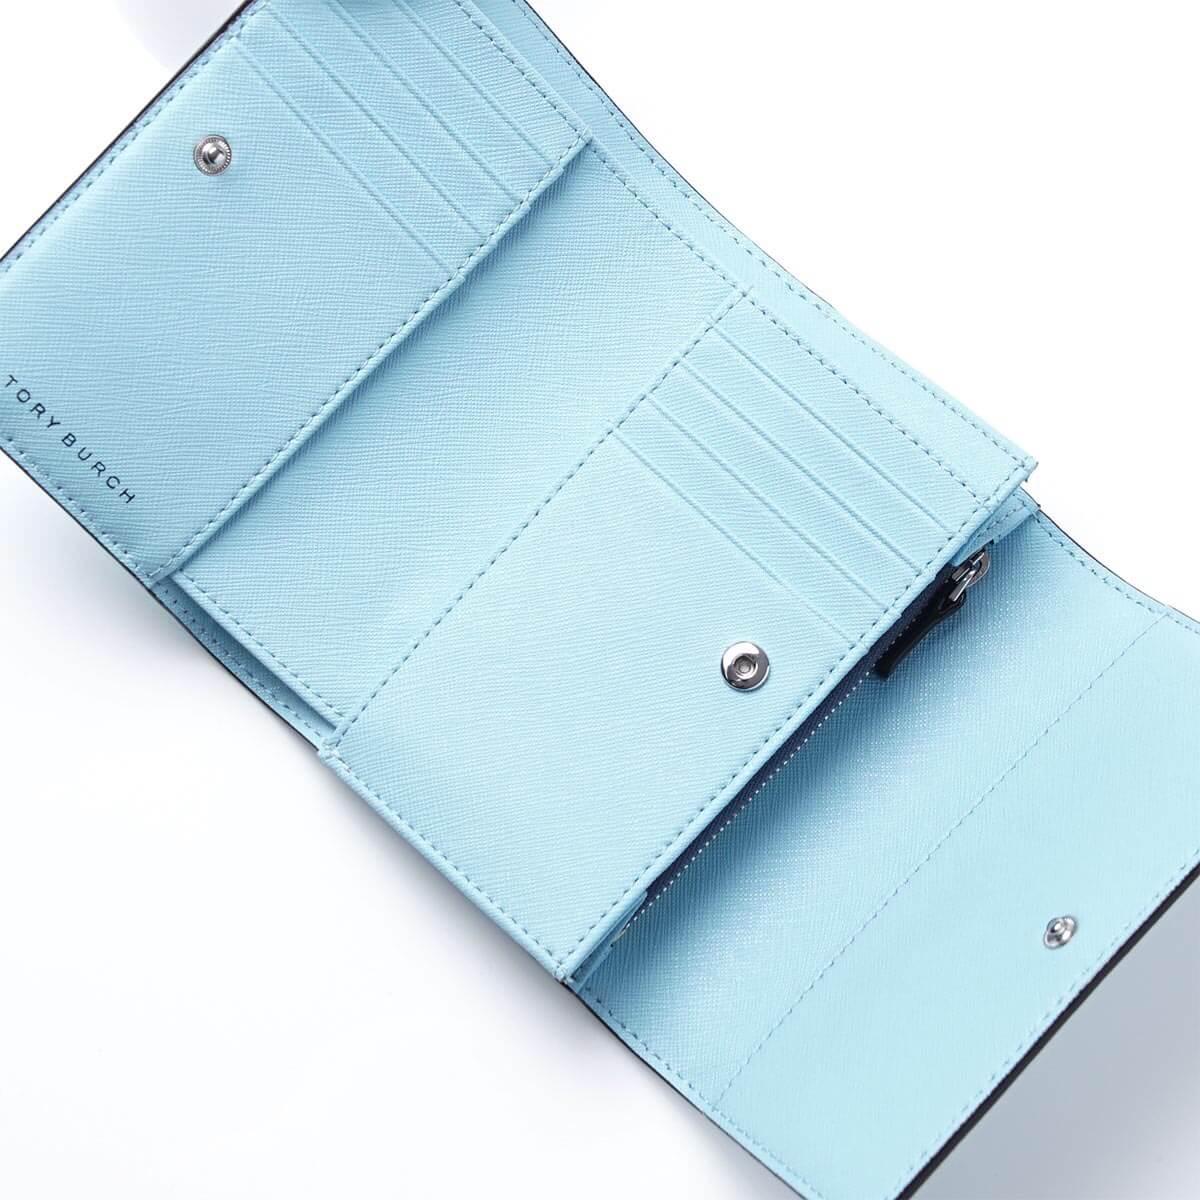 【Tory Burch】防刮簡約設計大容量中夾(黑/粉/藍) 11169107 1